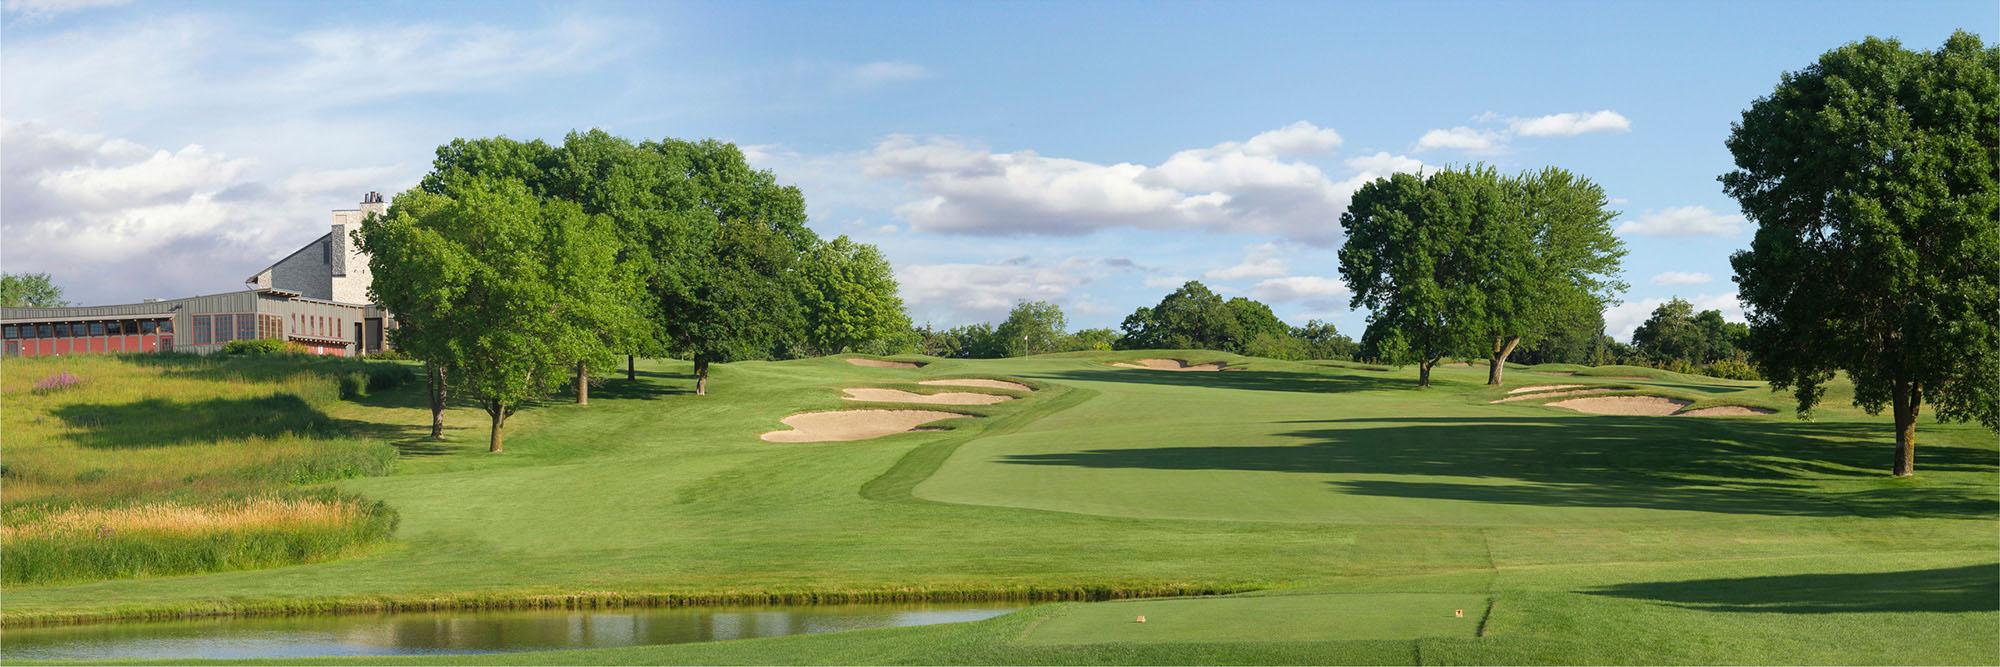 Golf Course Image - Hazeltine No. 9